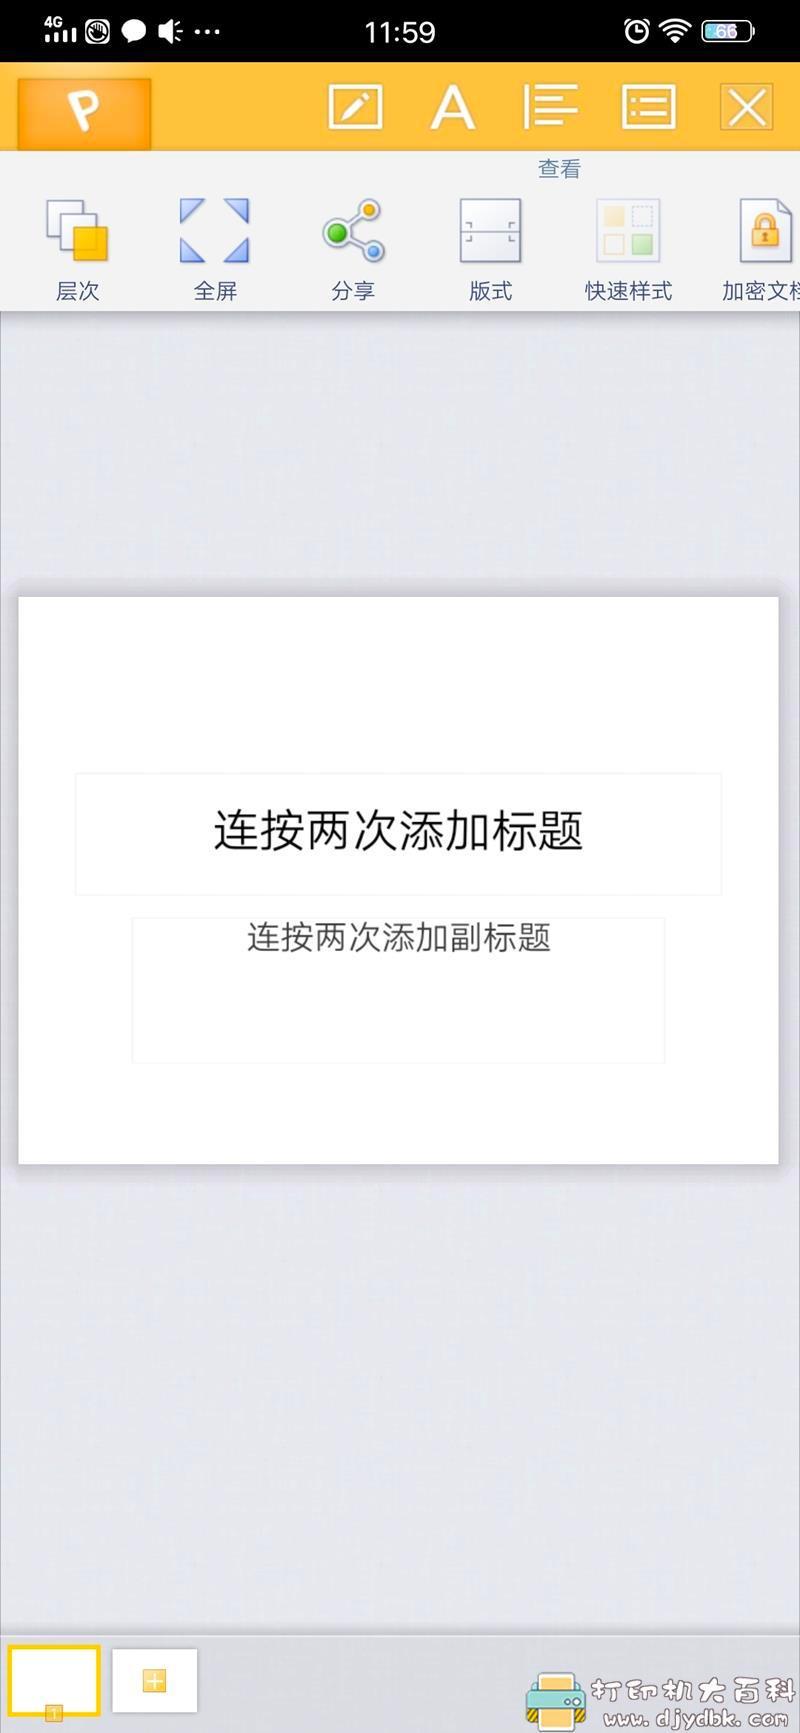 [Android]华为G7自带5.5版本wps 不一样的操作体验图片 No.5